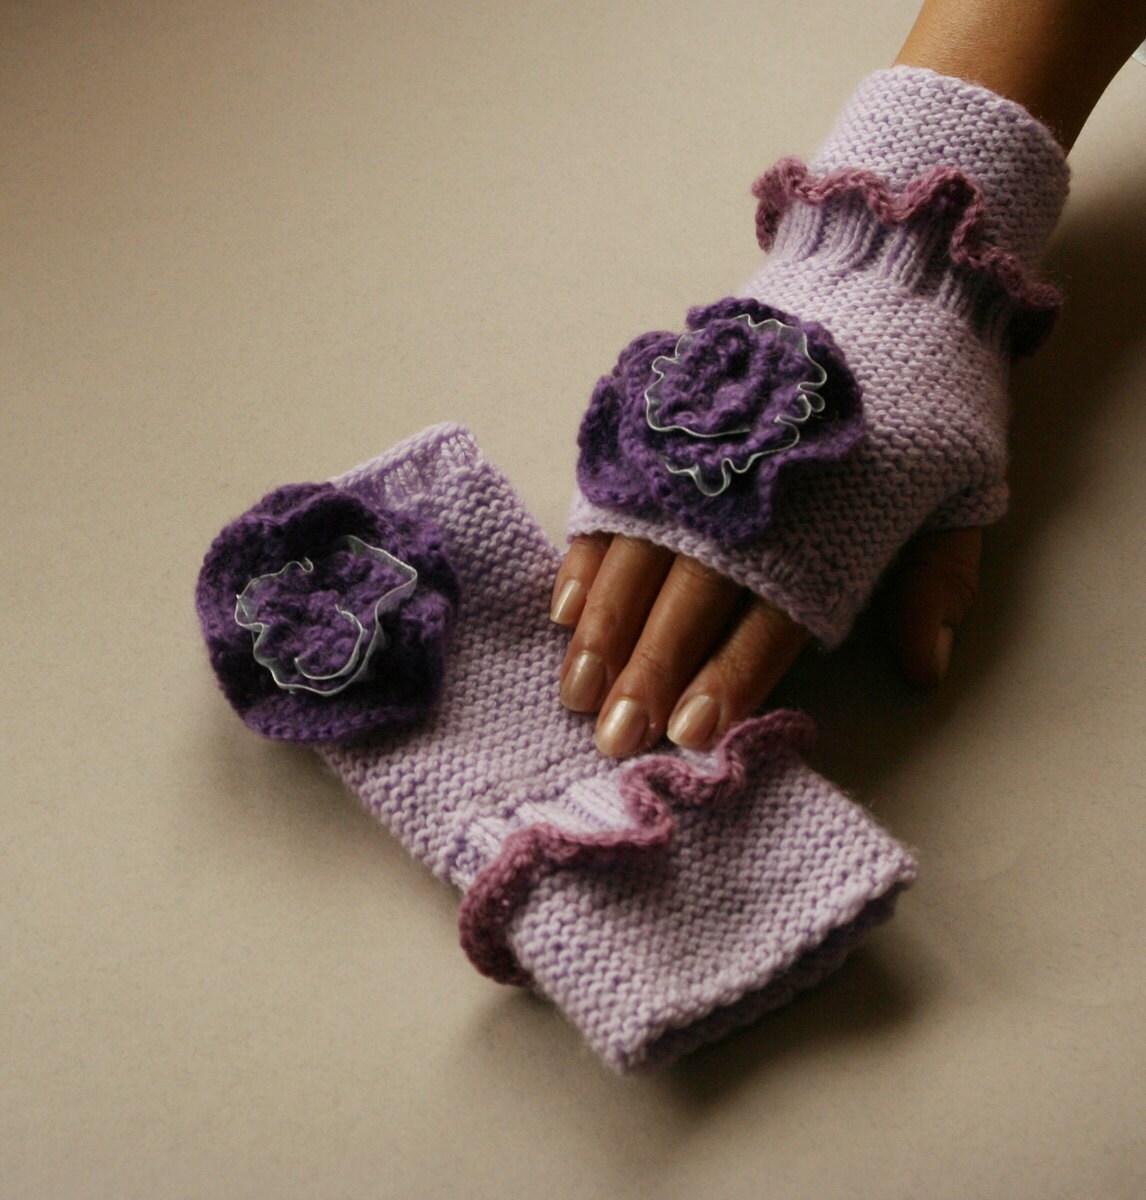 دست Fingerless کشباف دستکش ، گل ، مد یاس بنفش ، زمستان